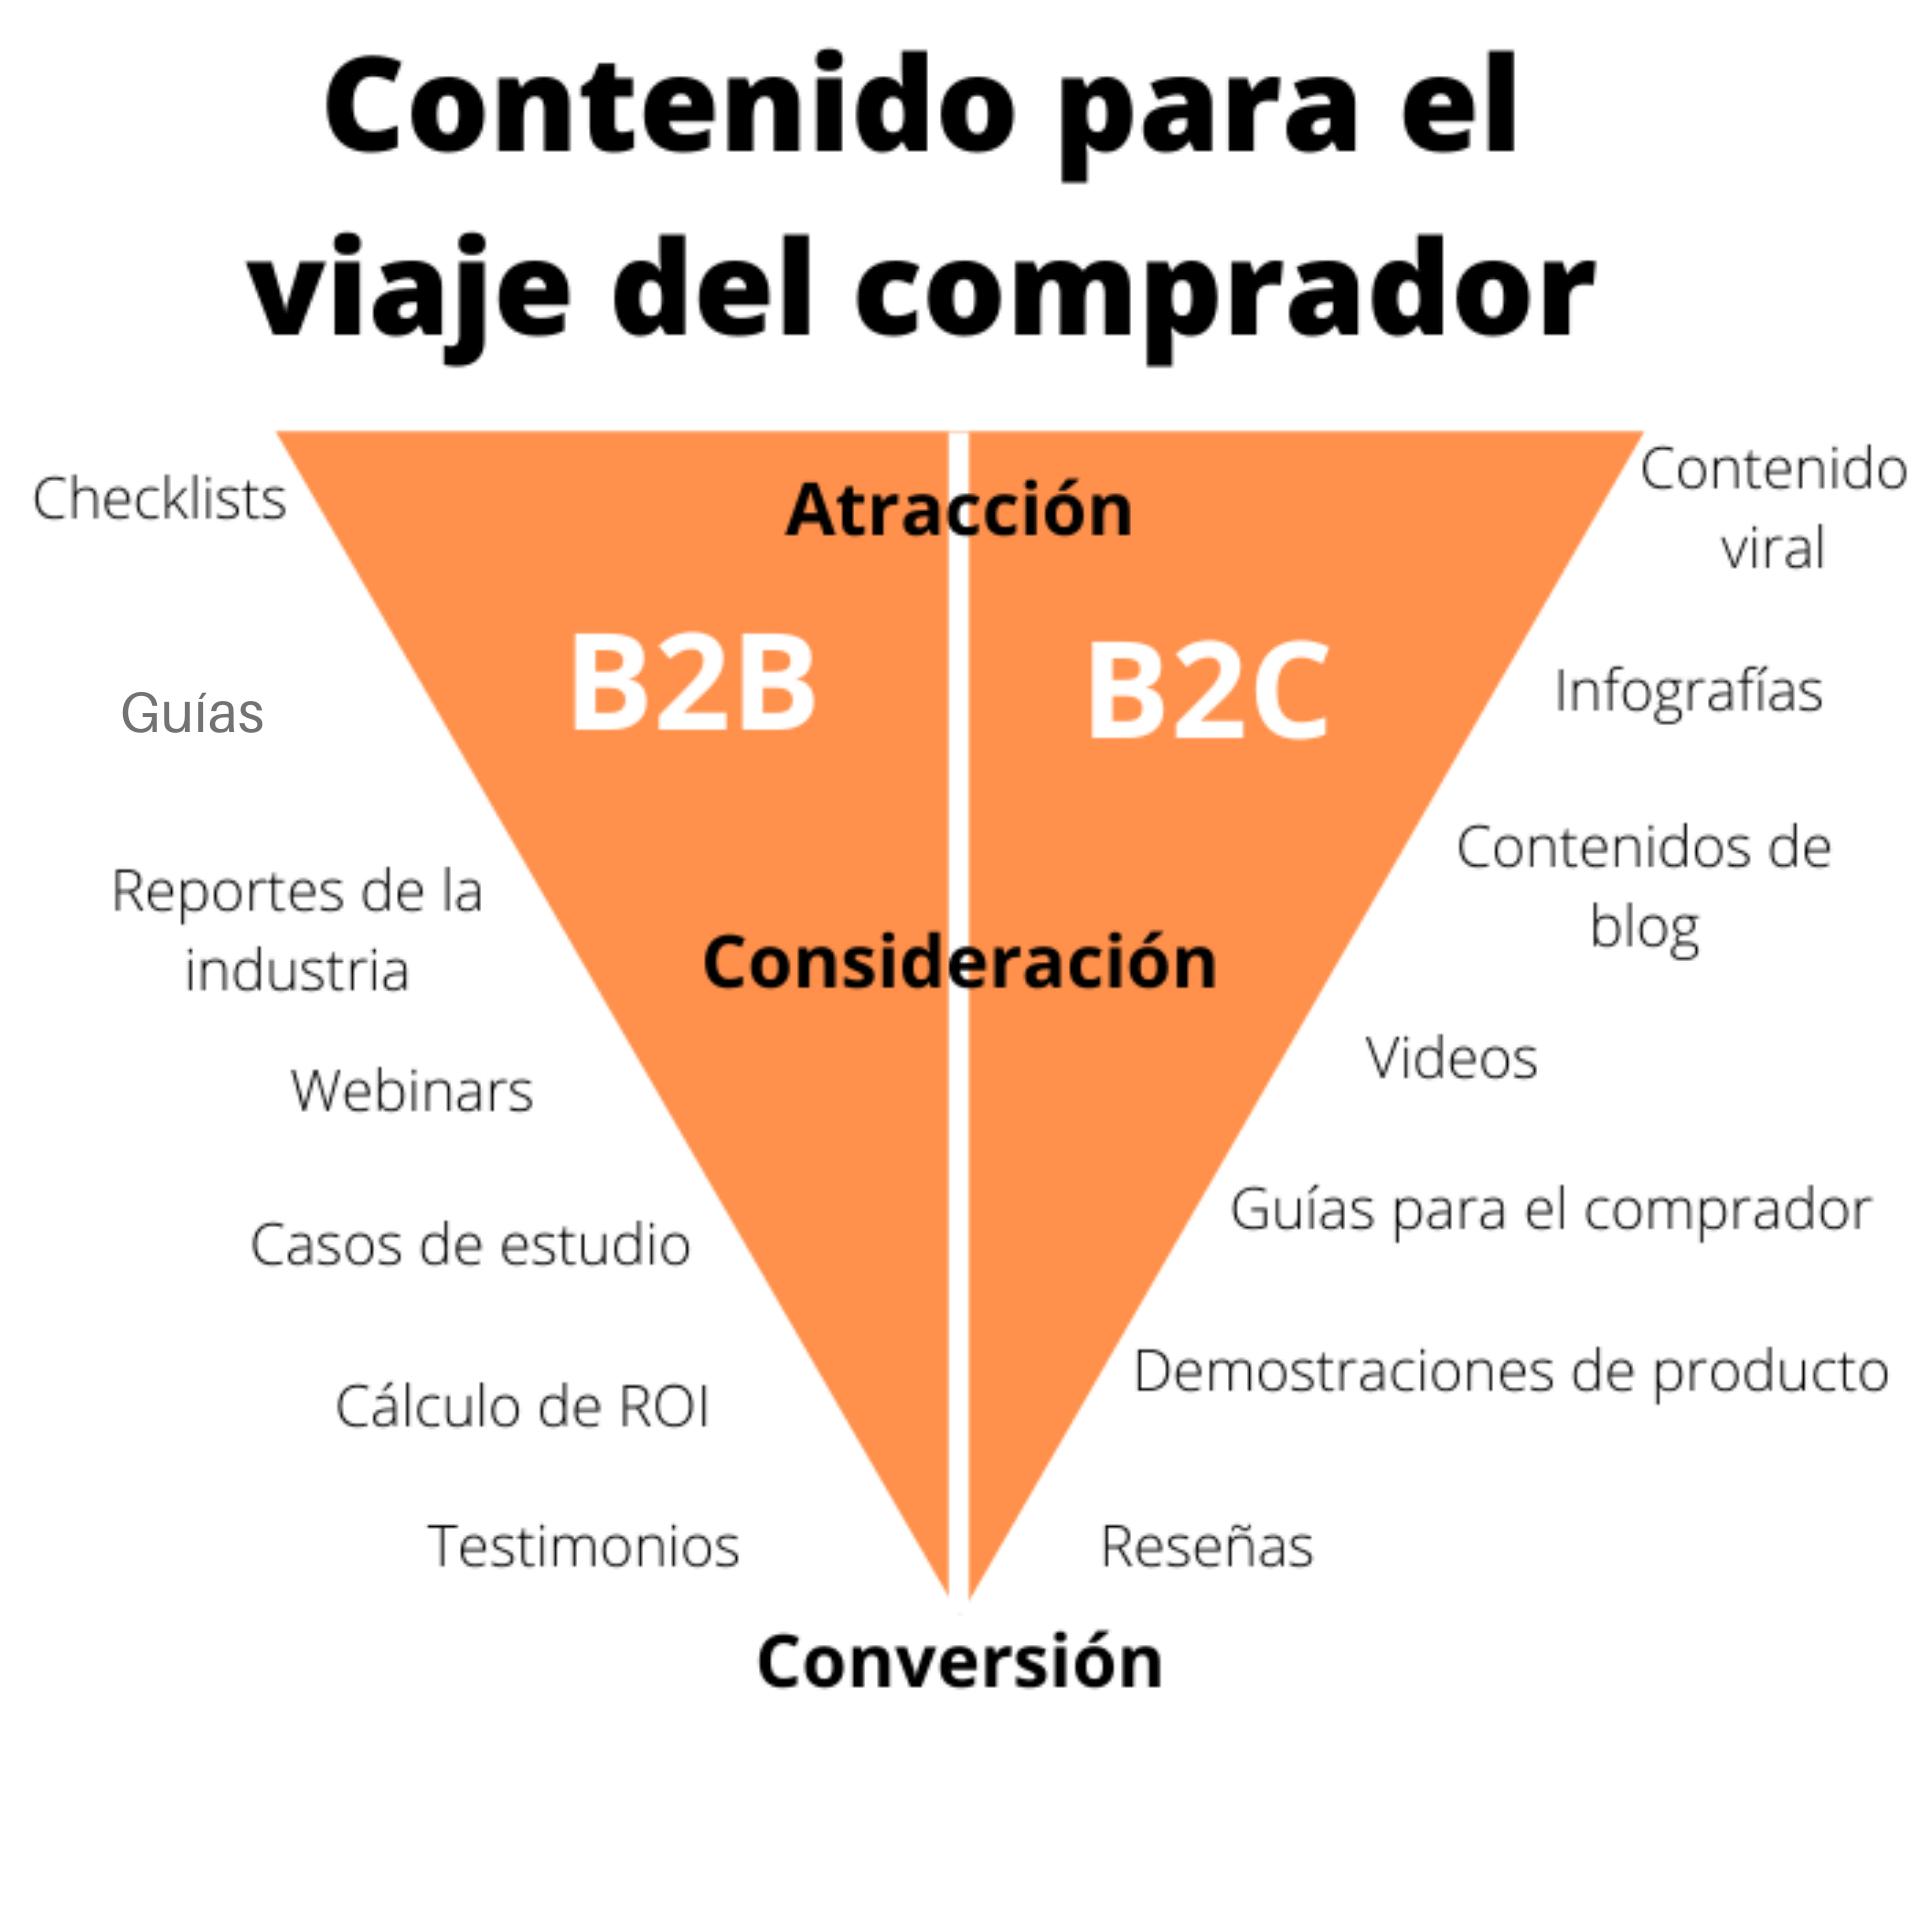 Contenidos para el recorrido o viaje del comprador B2B o B2C